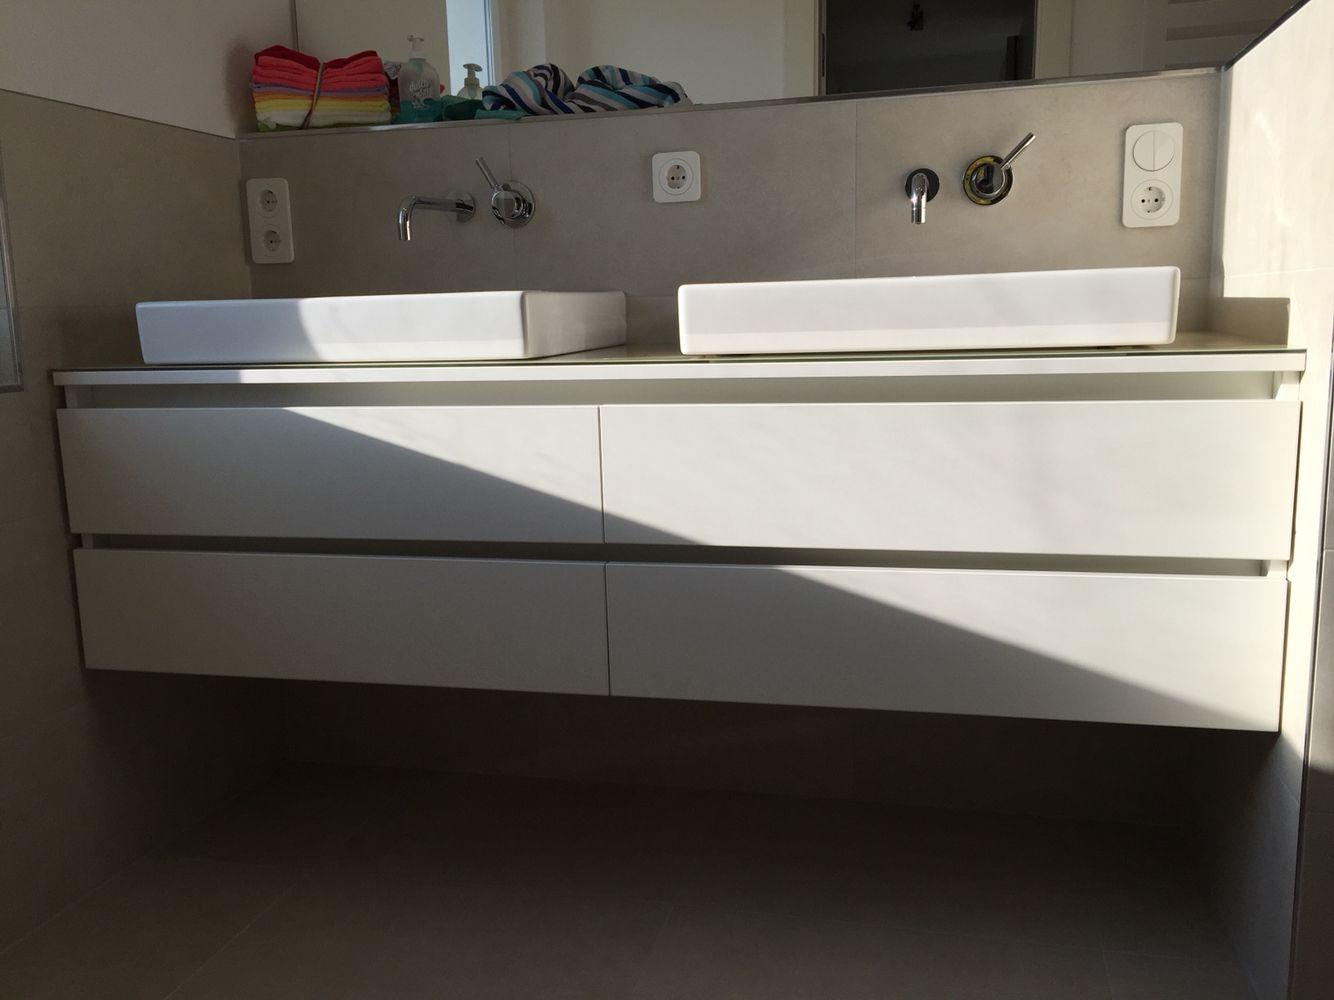 Waschtisch Unterschrank Mit Griffmulden Mit Glas Aufsatzplatte Und Zwei  Keramag Waschbecken In Die Nische Angepasst.